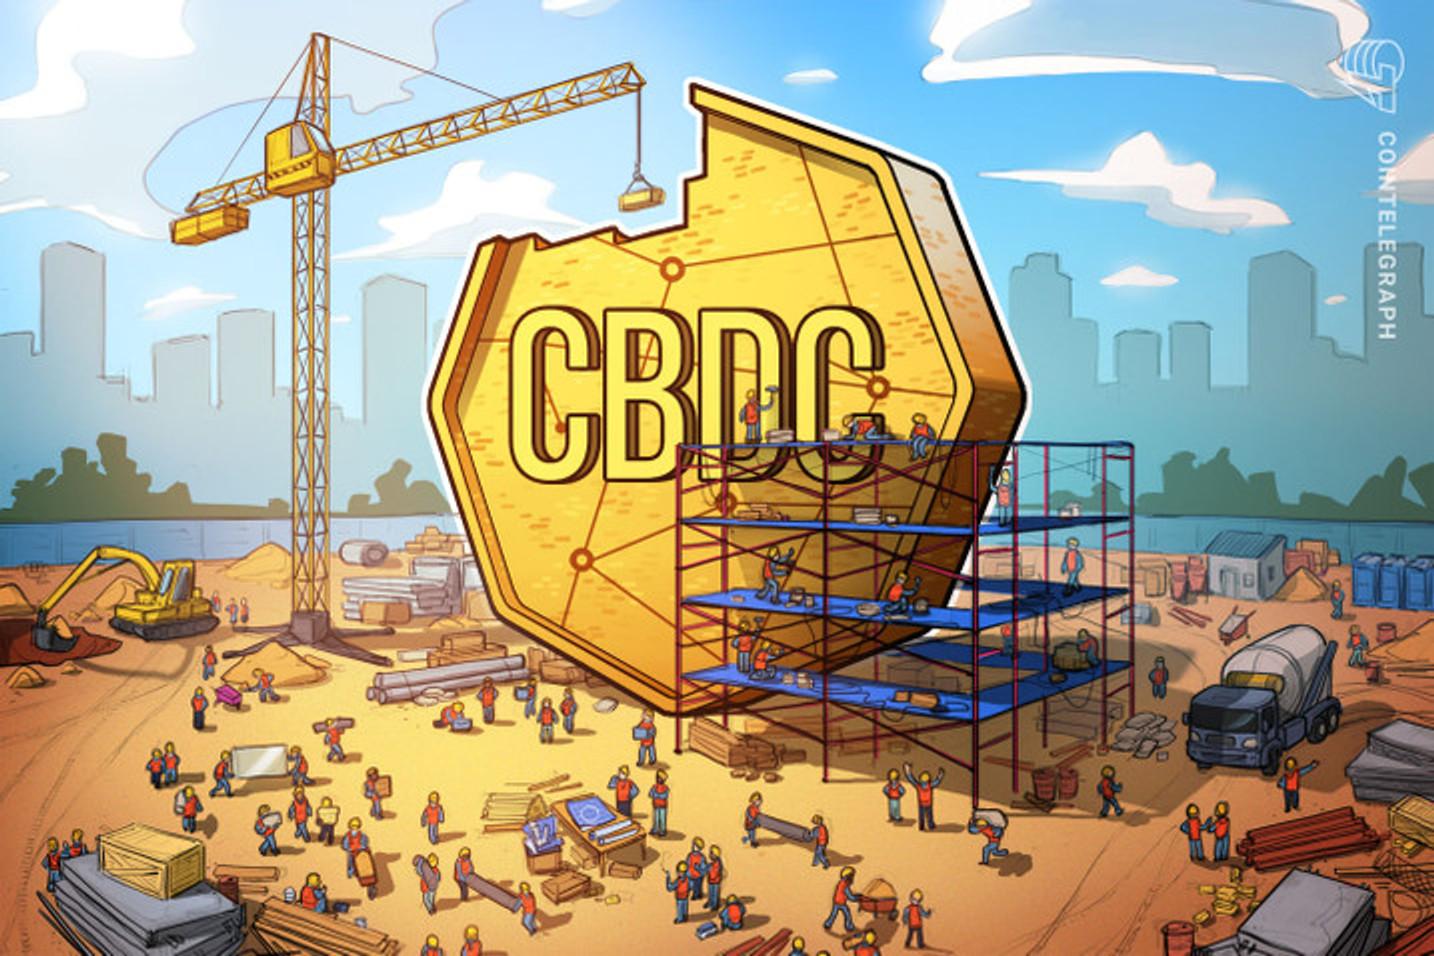 80% dos bancos centrais do mundo estão trabalhando para desenvolver CBDCs, revela pesquisa